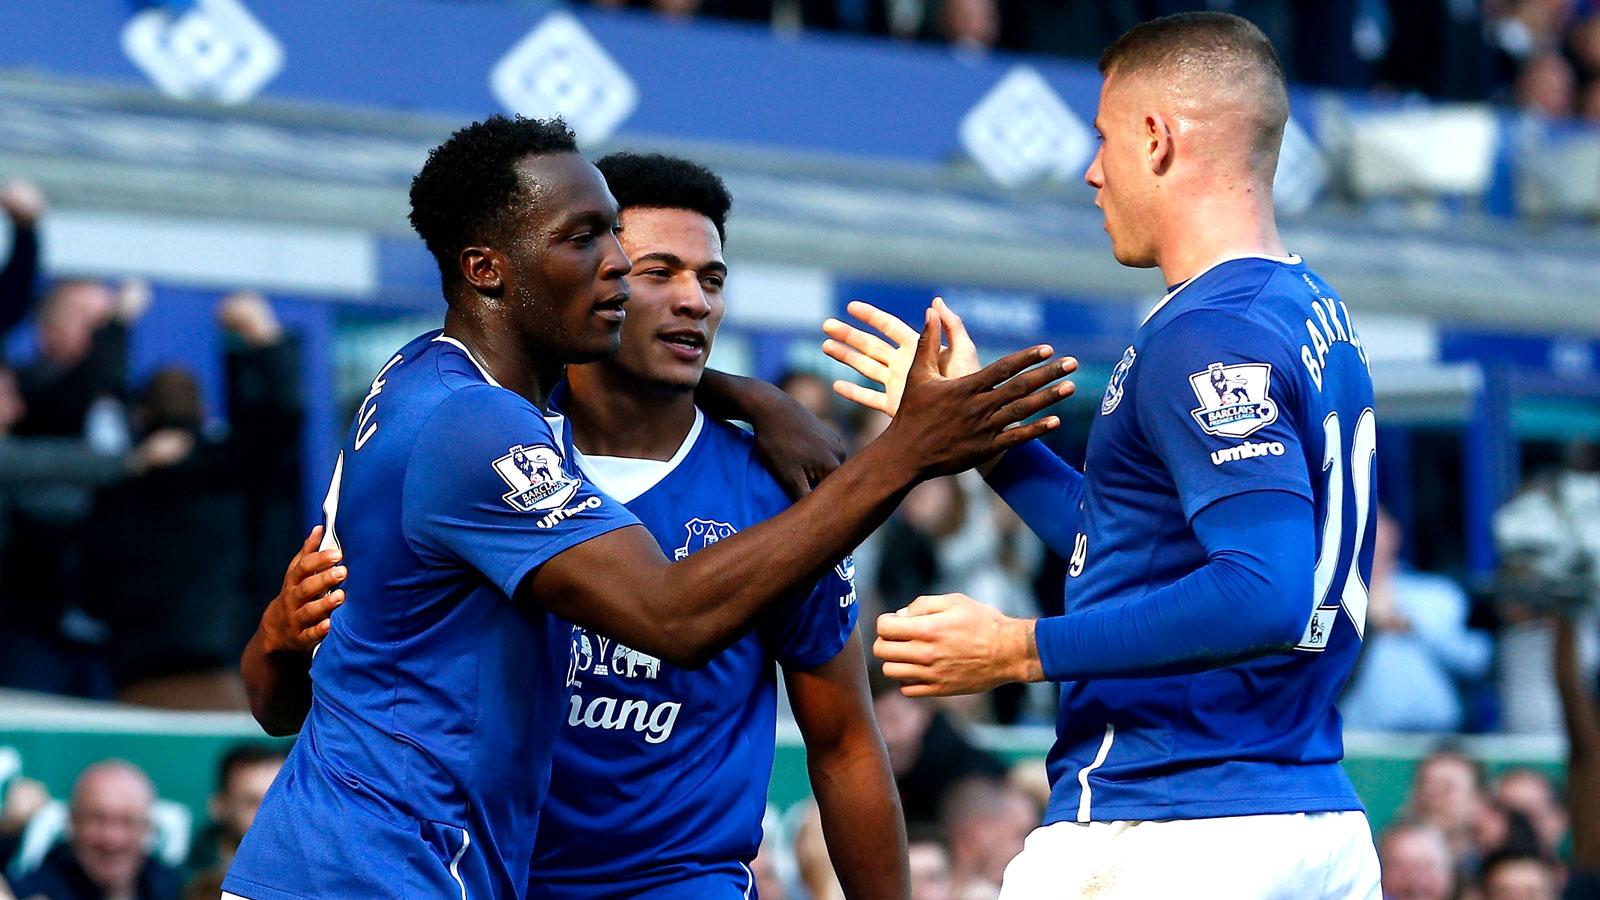 American consortium eyes Premier League outfit Everton